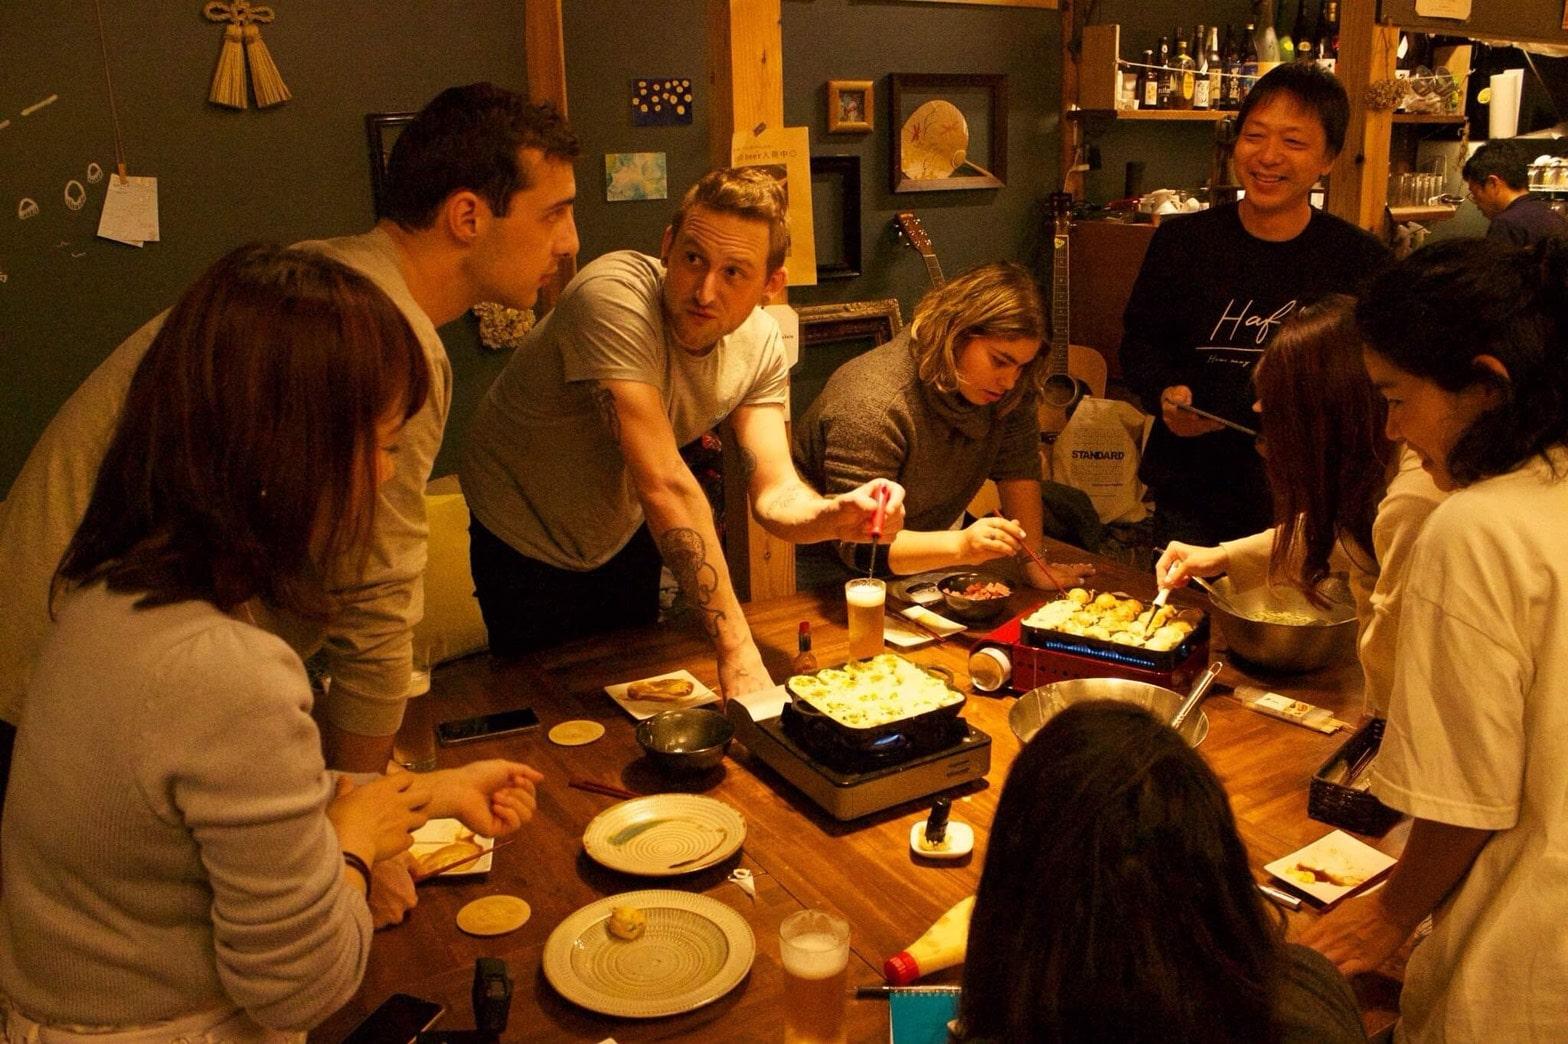 |福岡|ゲストハウス|福岡 | ゲストハウス | 古民家暮らし | 福岡・博多 8月のリニューアルオープンに伴い、オープニングスタッフを募集します! | 語学力活かせます!英語・韓国語・中国語話せる方歓迎!訪日外国人のお客様に最高のおもてなしを。